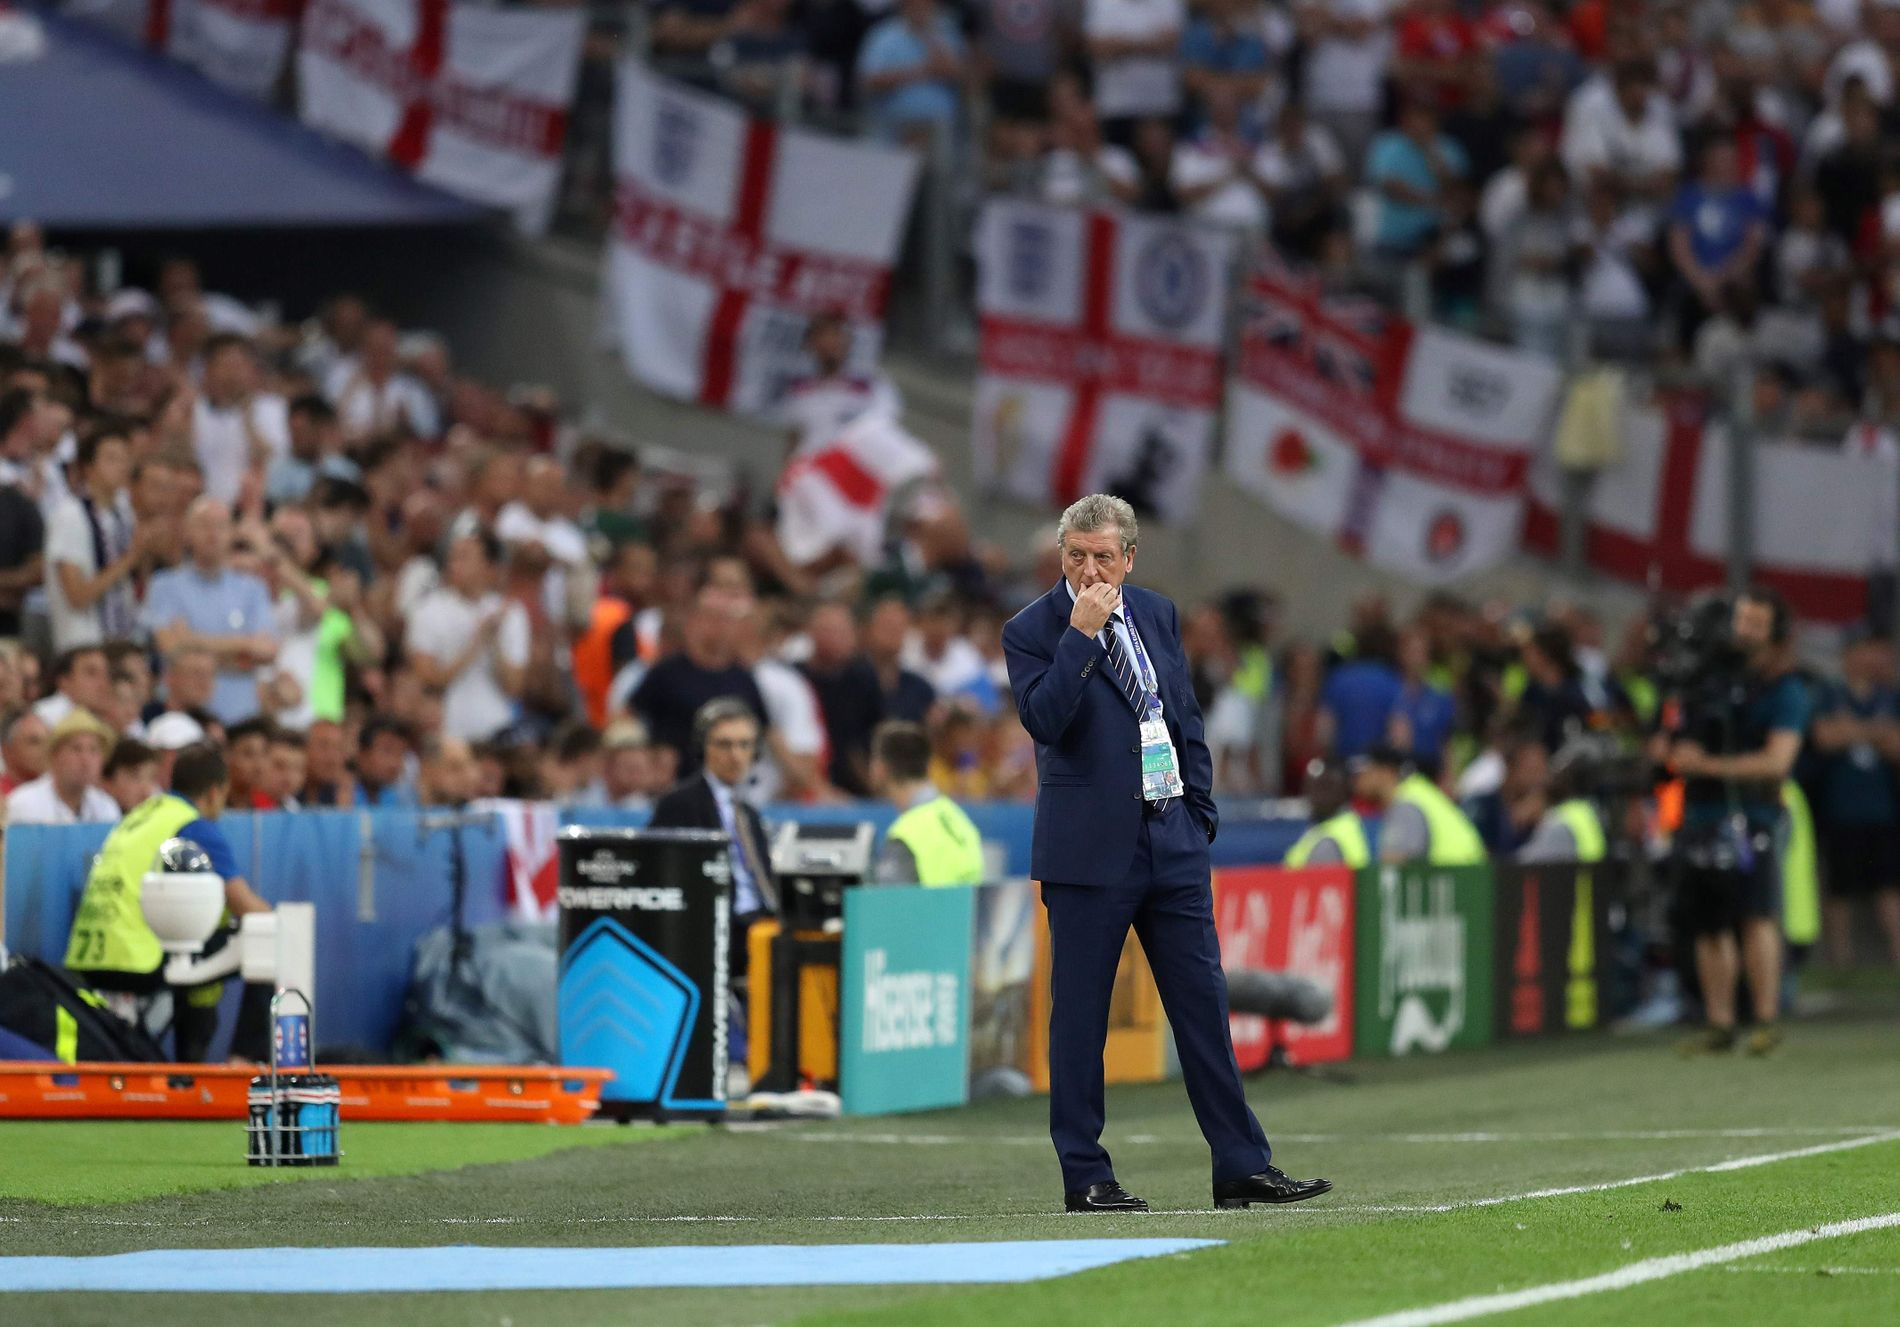 SKUFFET MANN: England-sjef Roy Hodgson under oppgjøret mot Russland lørdag.